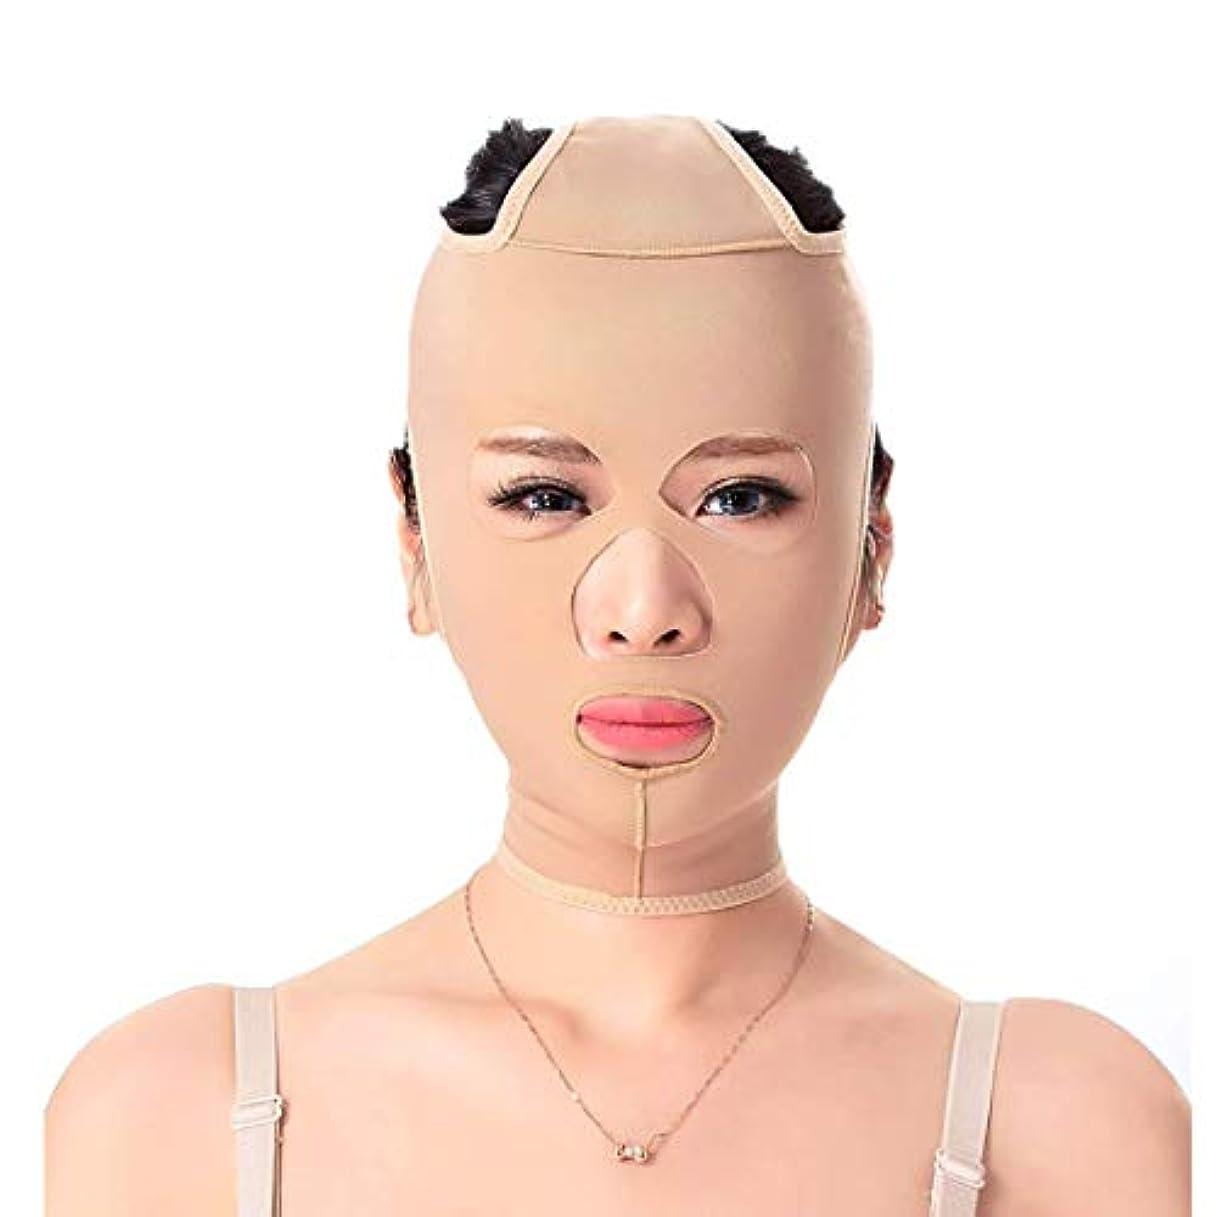 マングル足ルースリミングベルト、二重あごの引き締め顔面プラスチック顔アーティファクト強力な顔の包帯を脇に持ち上げるパターンを欺くためのフェイシャルマスク薄いフェイスマスク(サイズ:XXL),ザ?